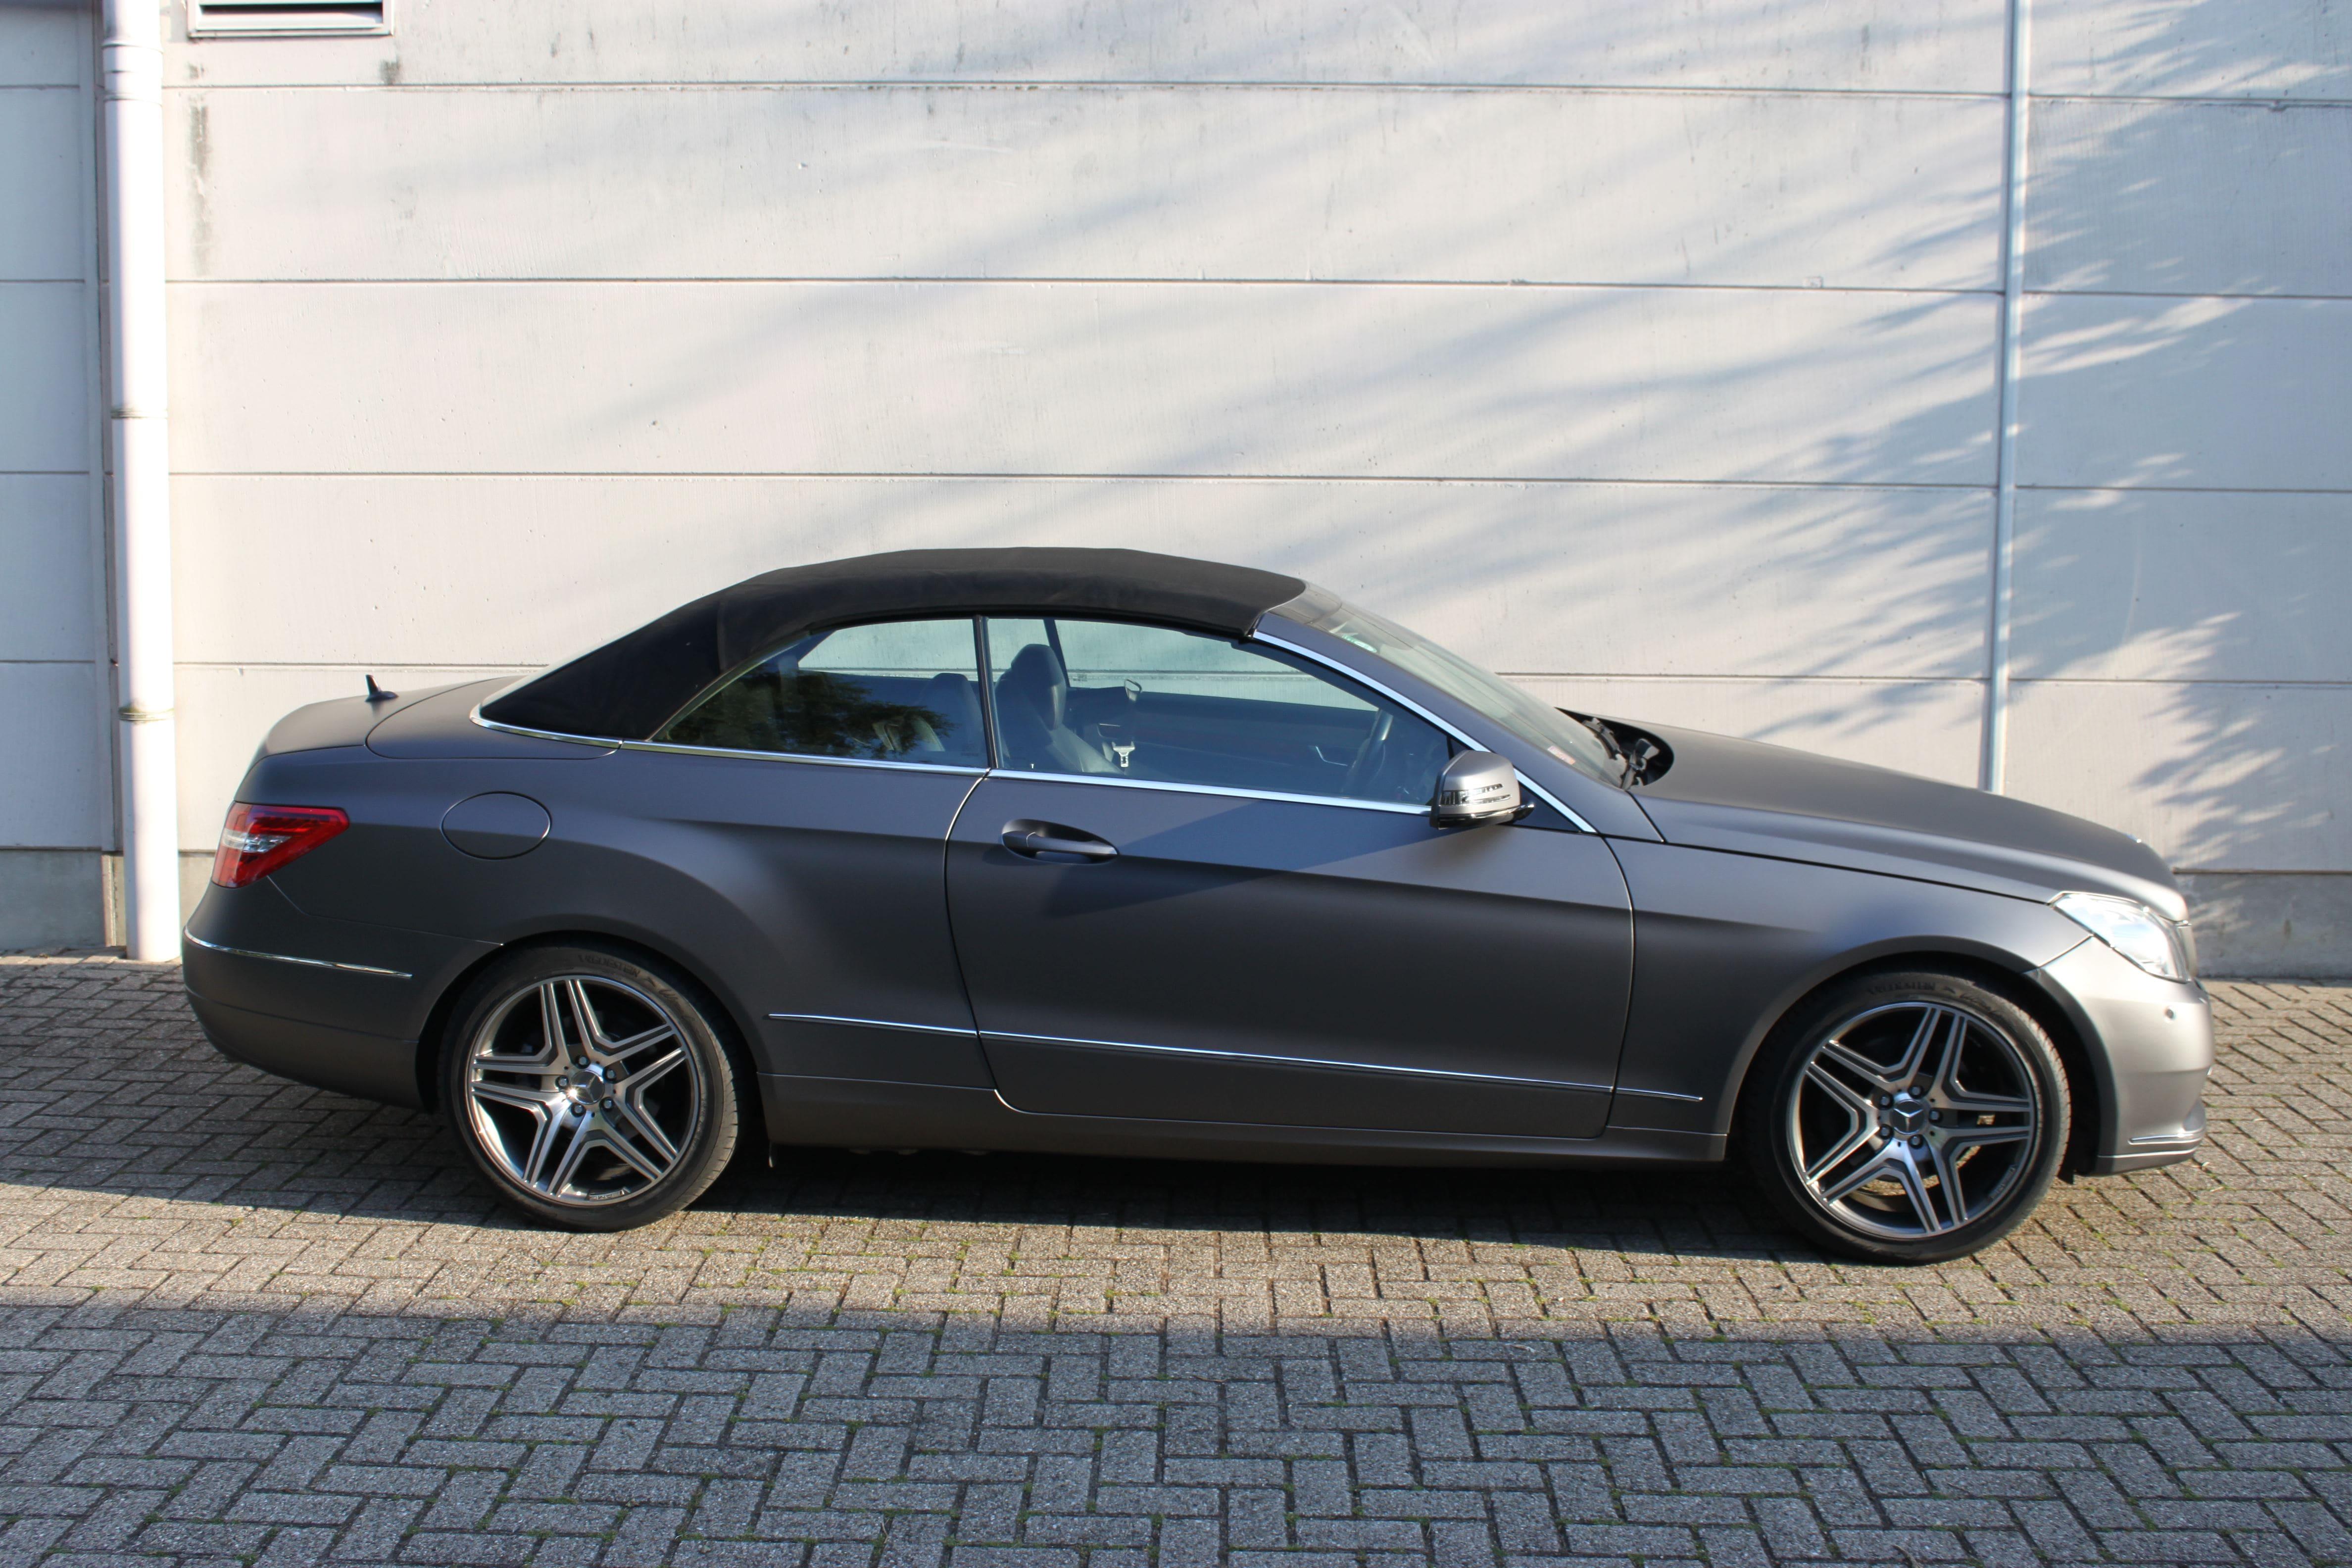 Mercedes E-Klasse Cabrio met Gunpowder Wrap, Carwrapping door Wrapmyride.nu Foto-nr:6271, ©2020